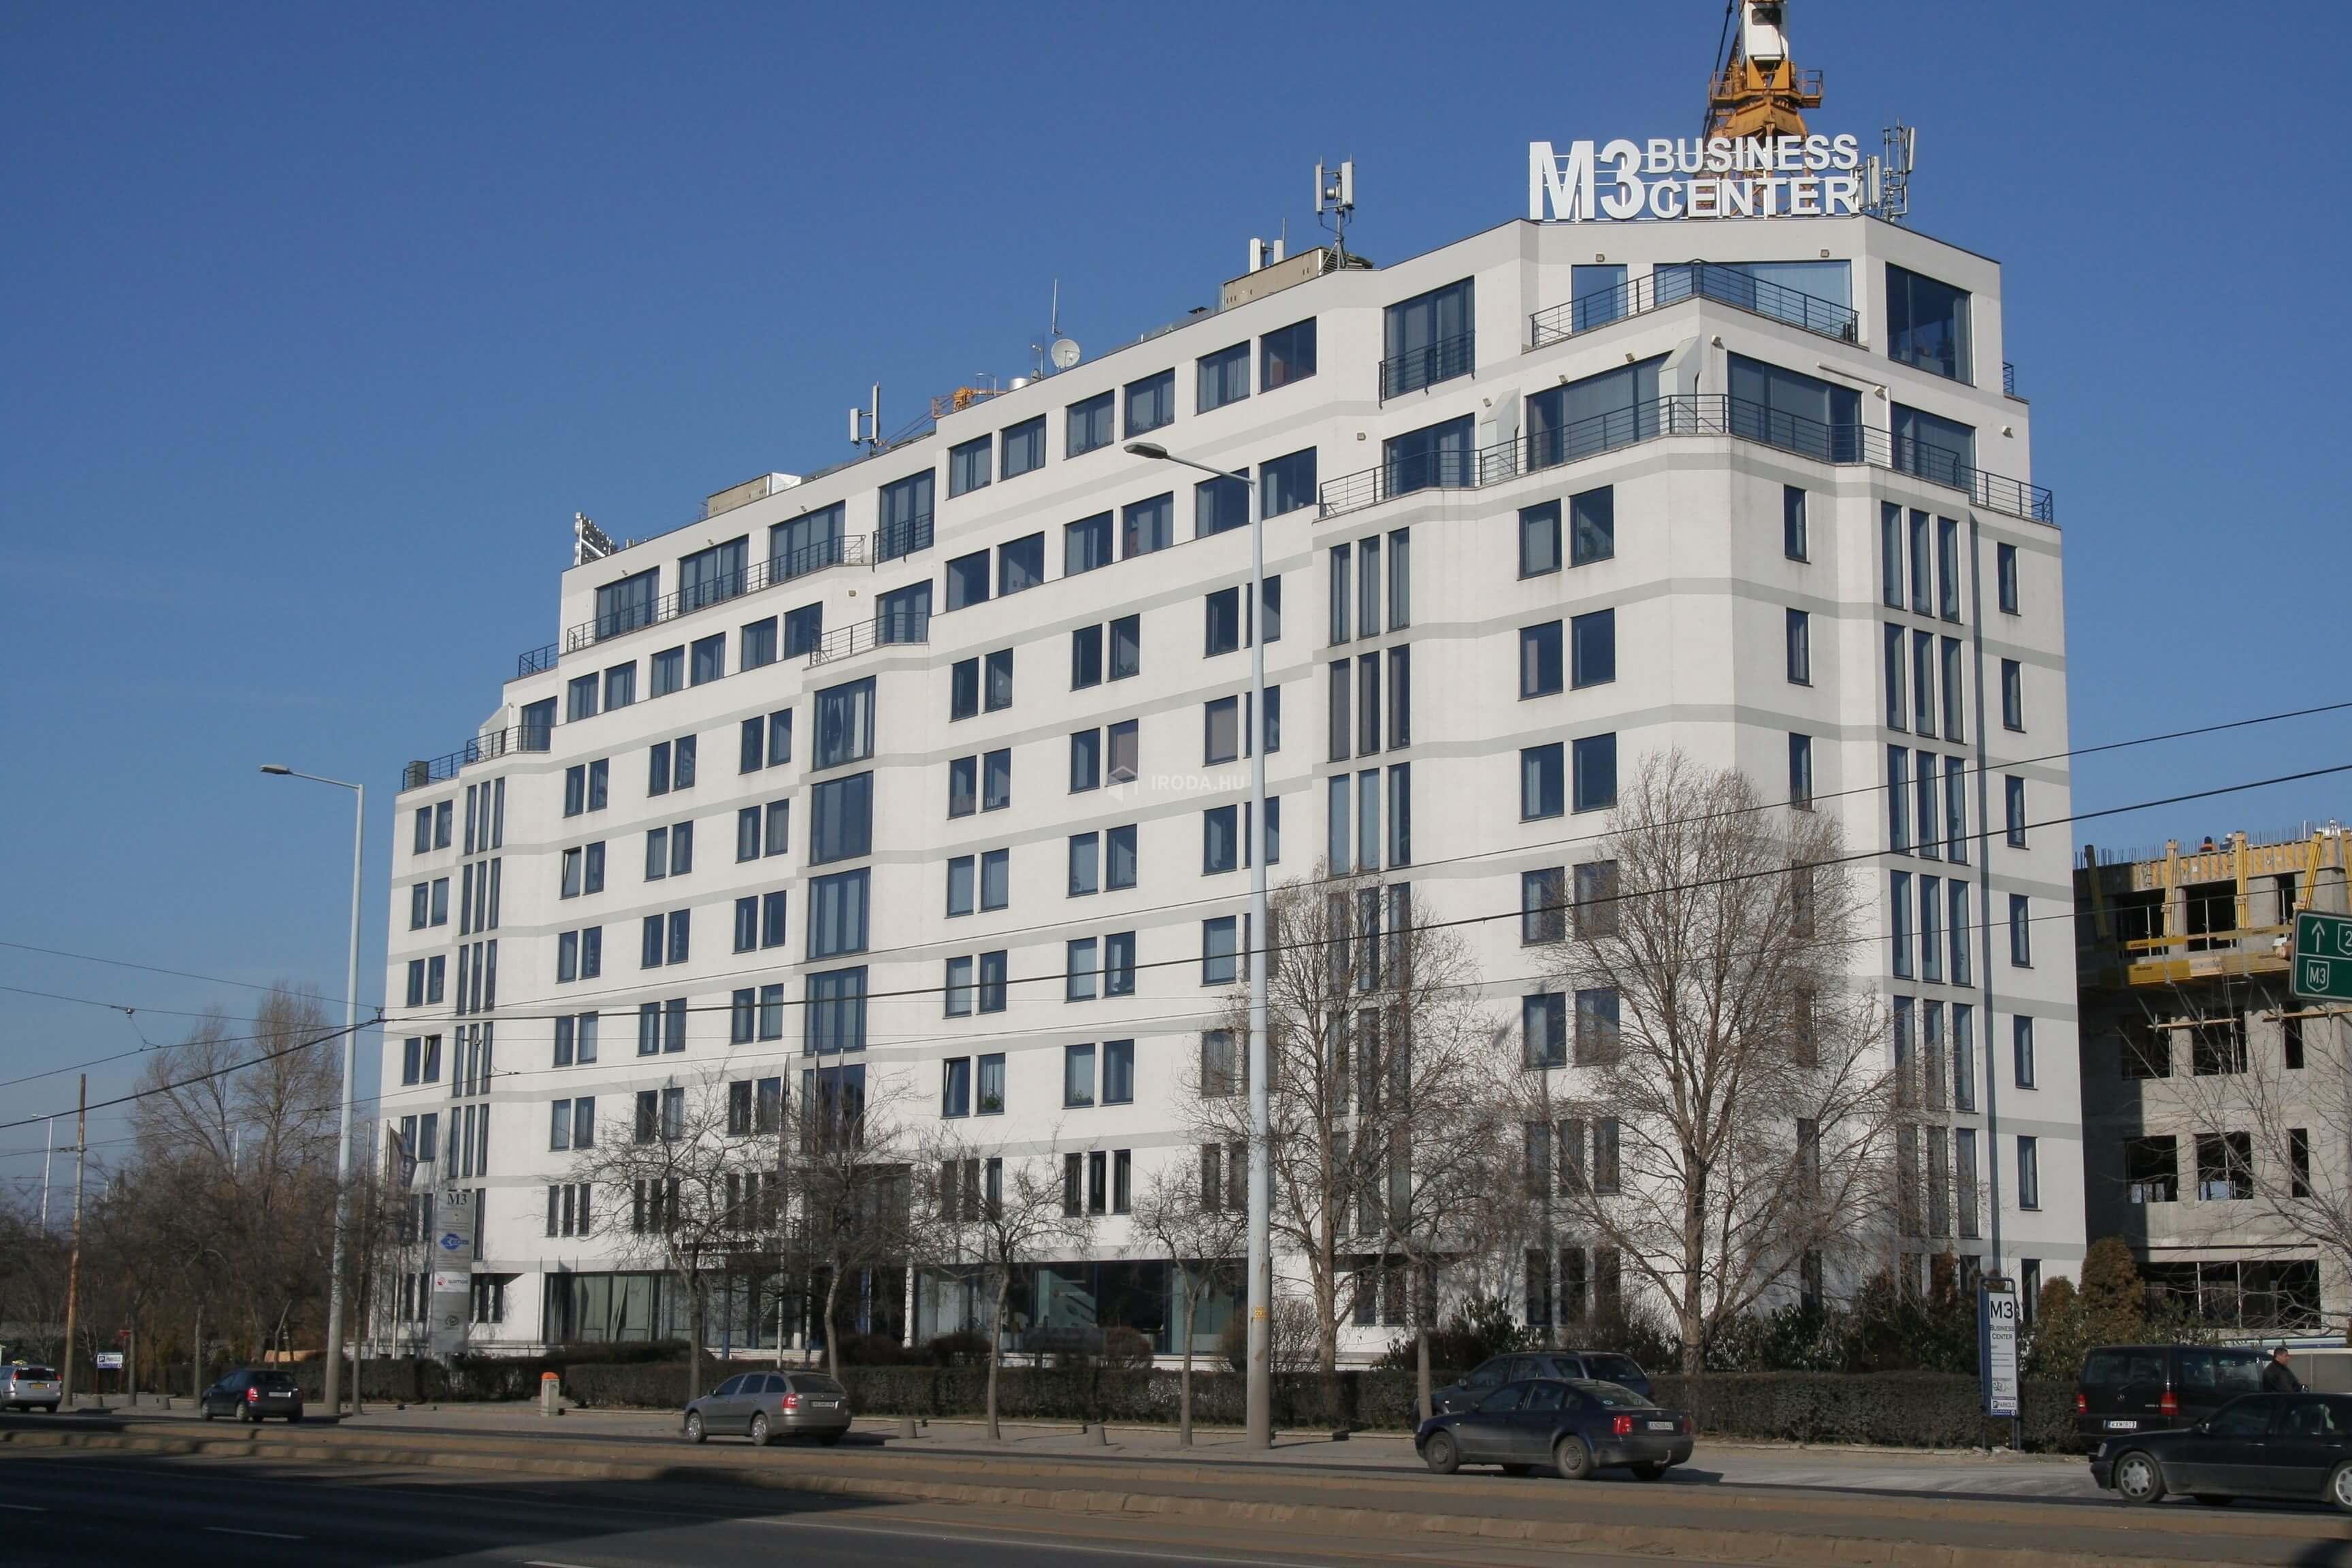 Így születik újjá az M3-as Business Center